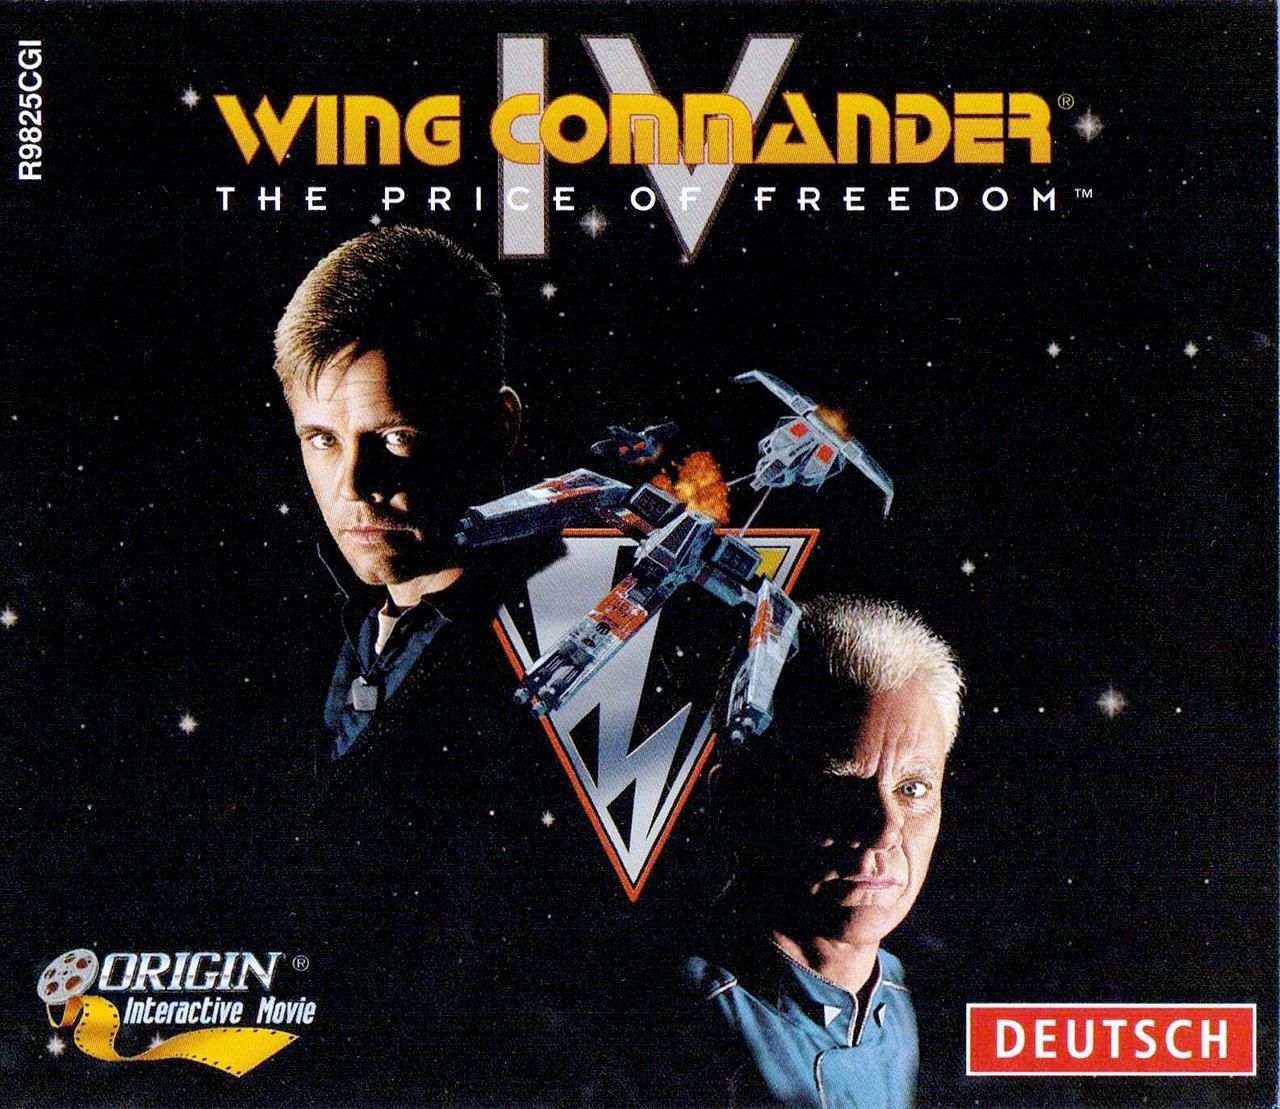 Wing Commander: das Videospiel wird zum interaktiven Filmerlebnis. (Bild: Origin Systems)